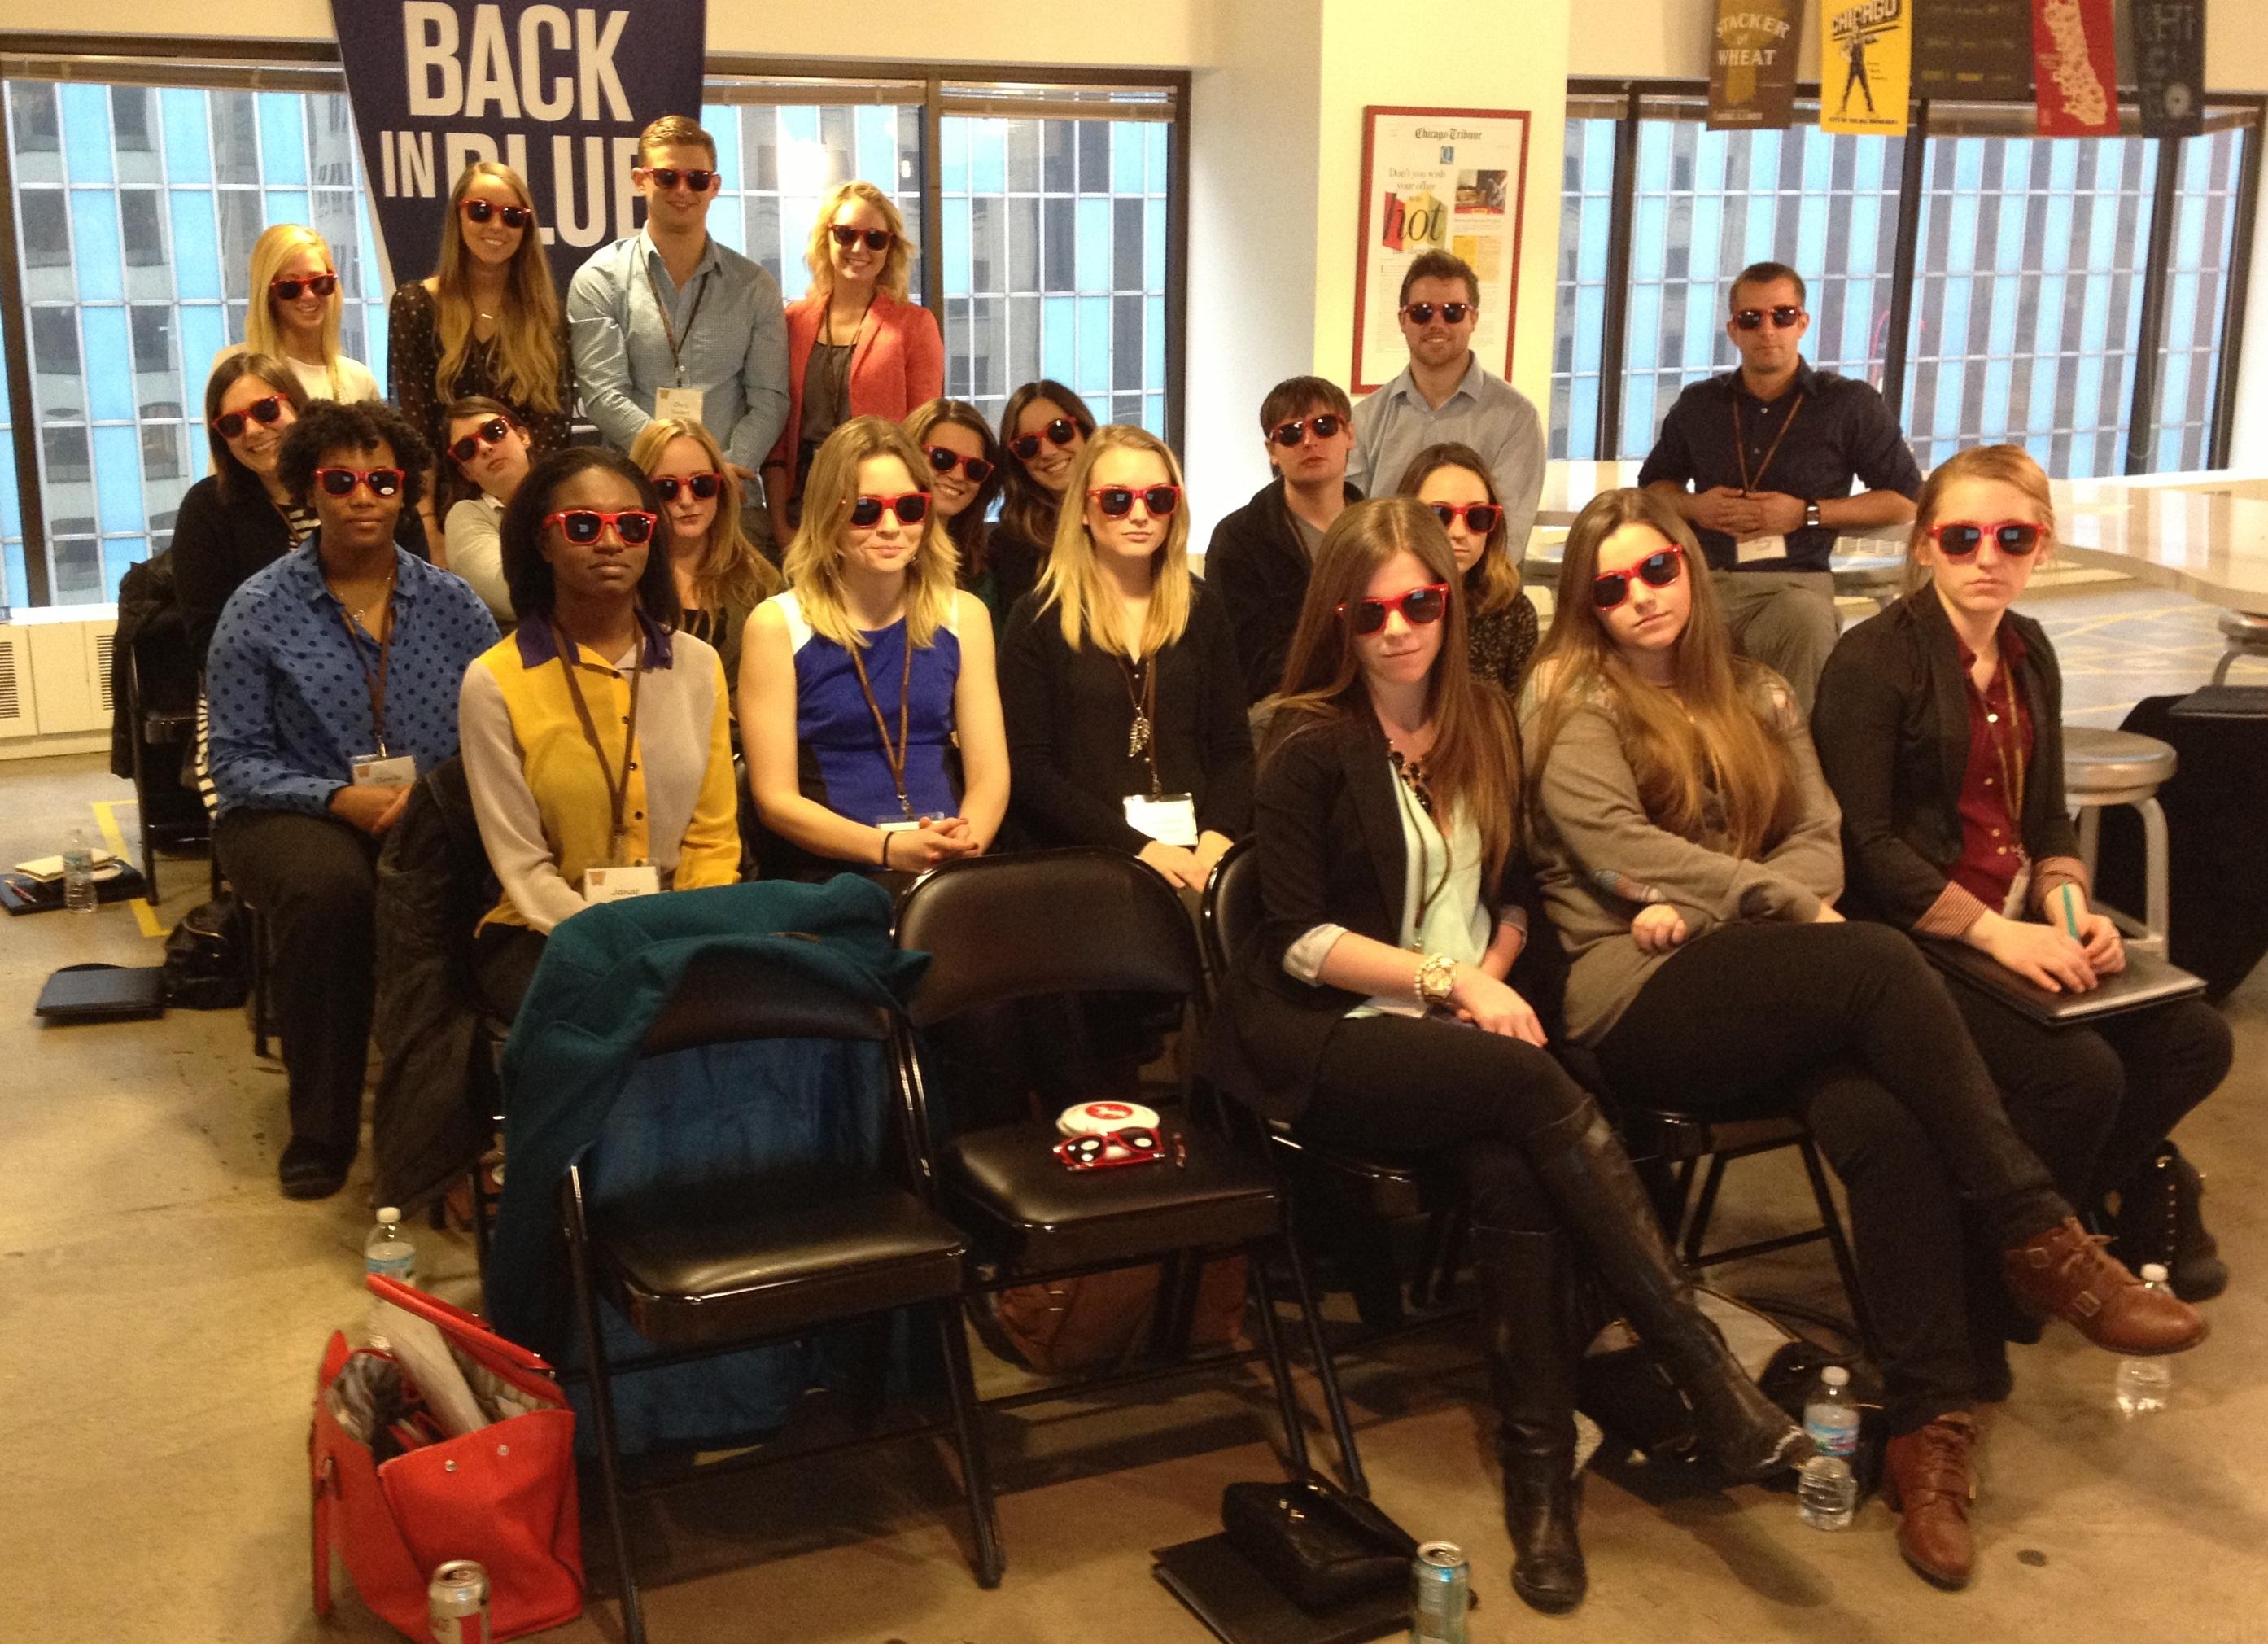 Cool sunglasses at Digitas